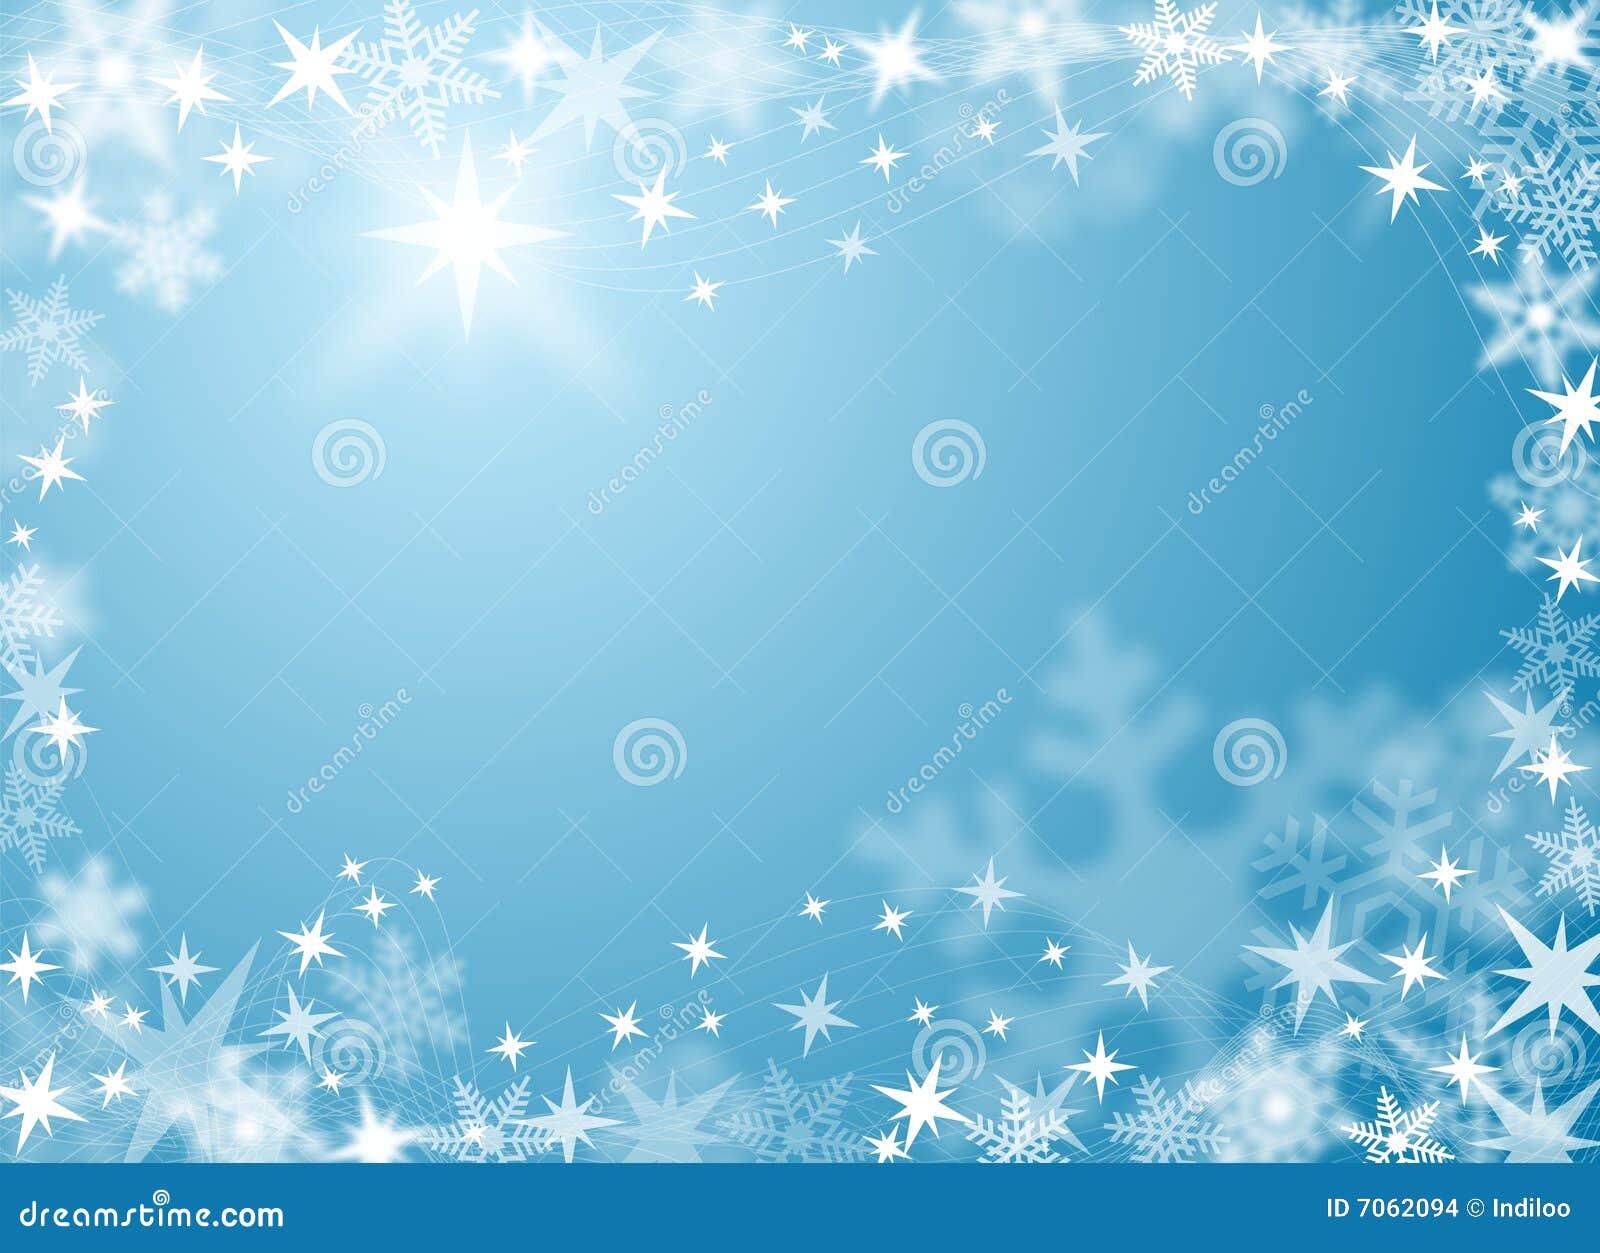 Festlicher Schnee-und Eis-Hintergrund